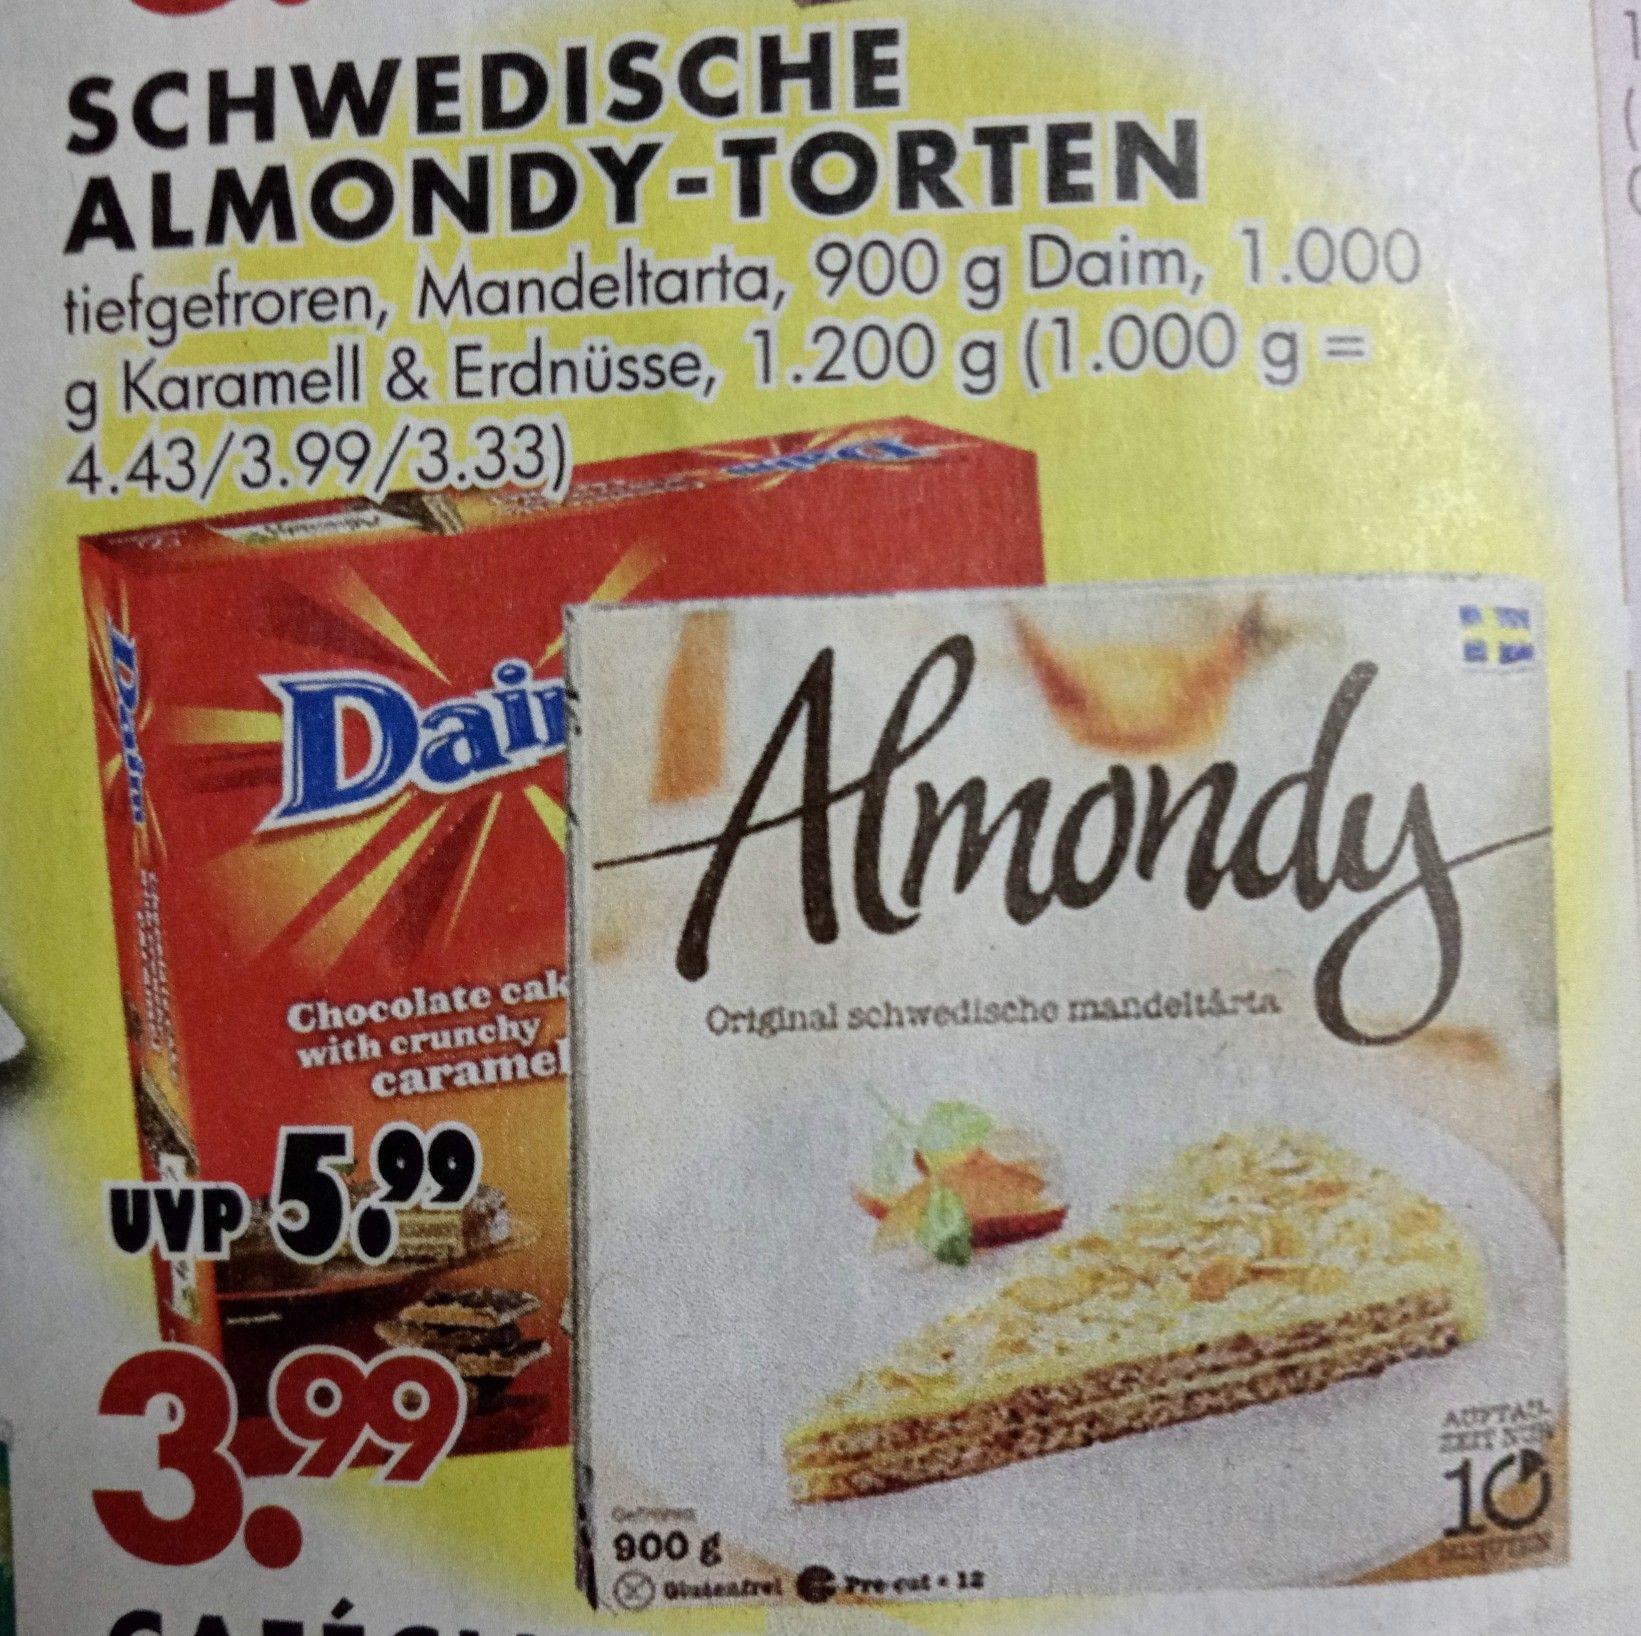 [Jawoll] Große Almondy-Torten (900-1200g)